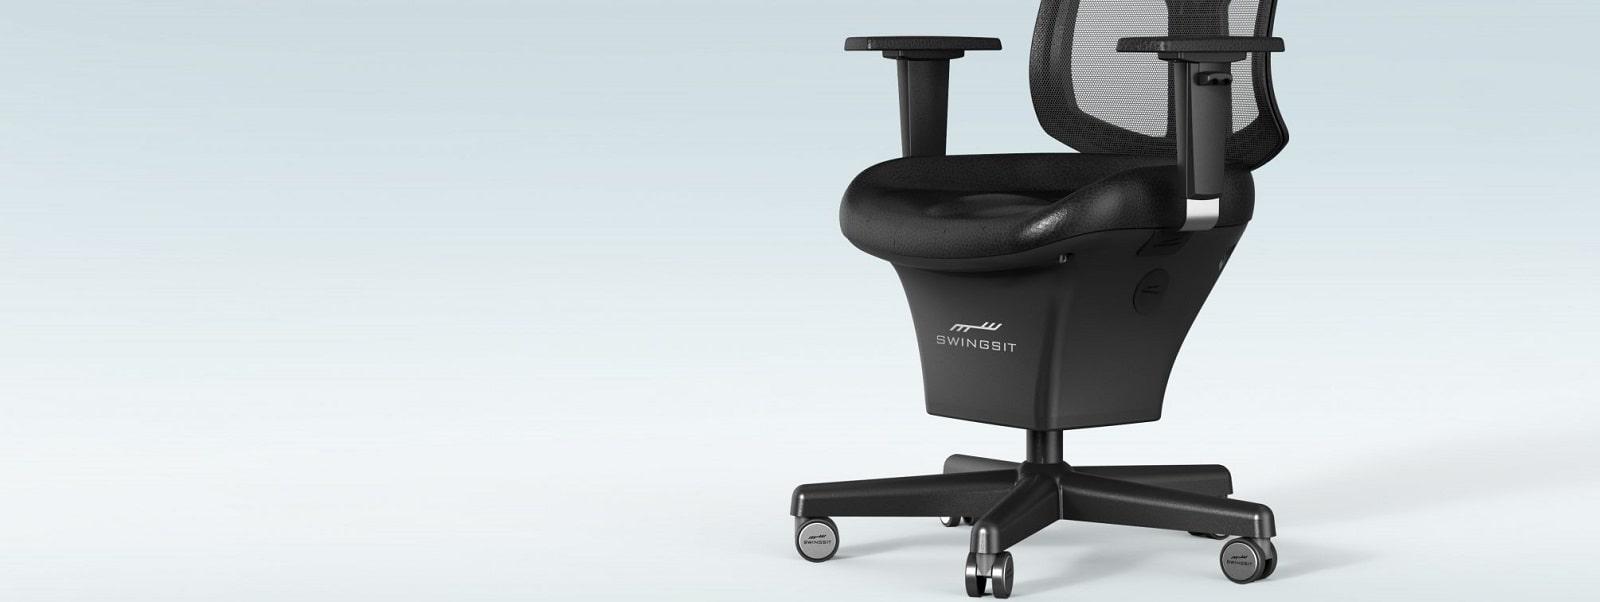 Swingseat - перший офісний стілець з активним хитанням